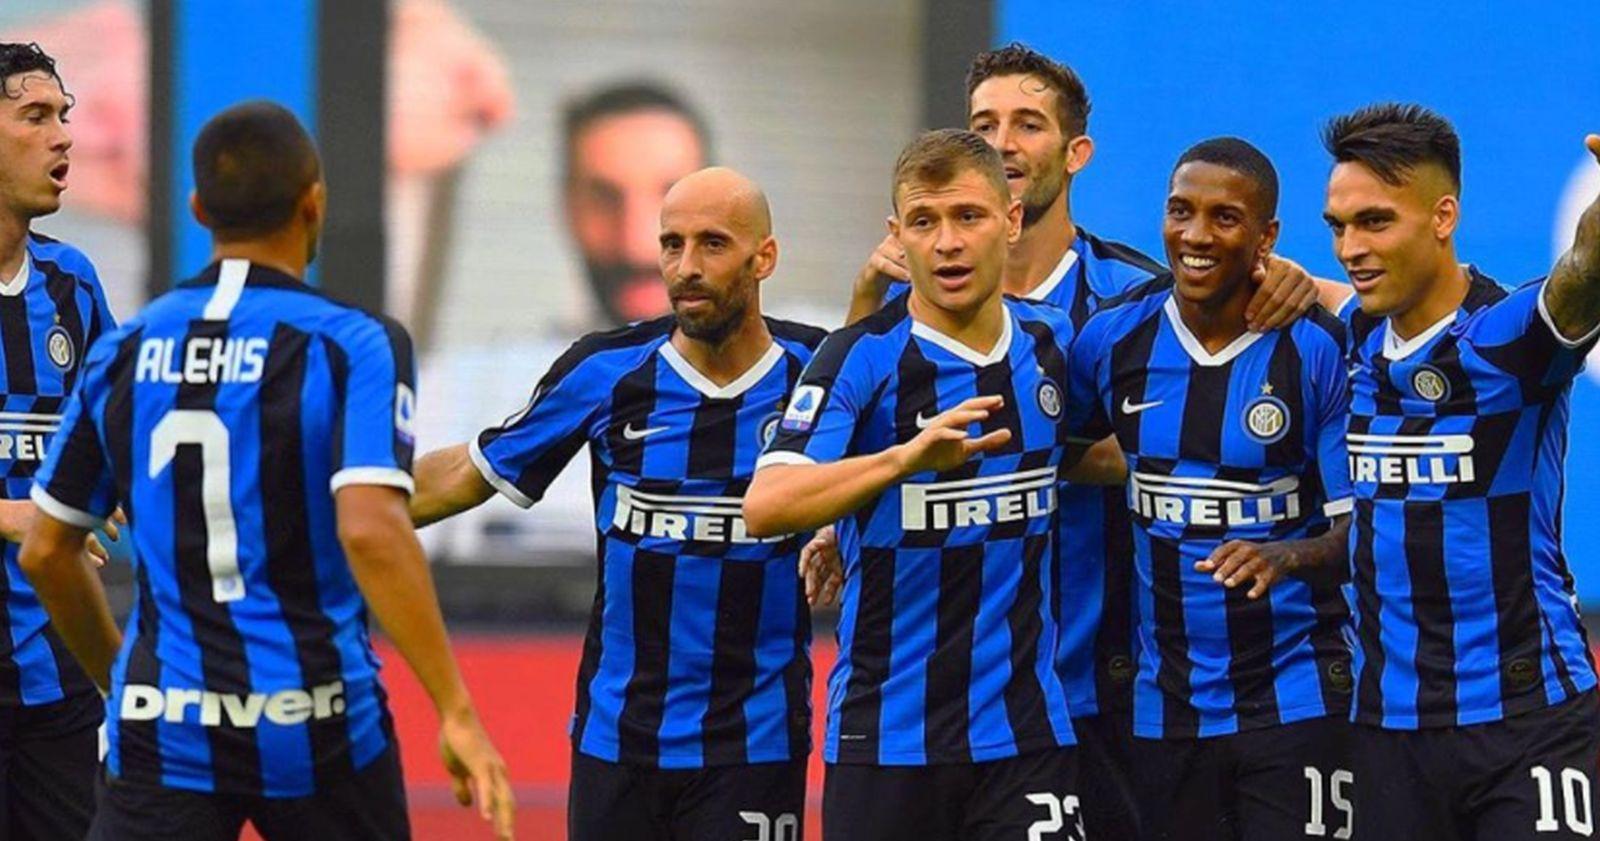 Dónde ver la final de la Europa League entre Inter de Milán y Sevilla